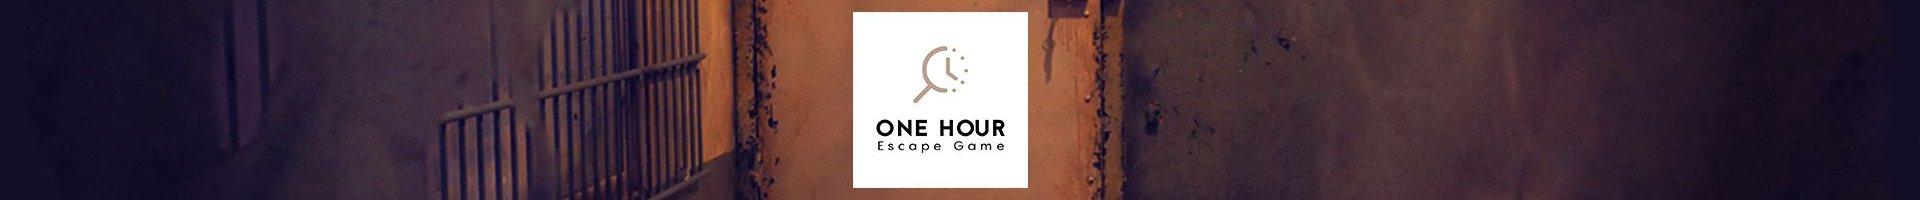 L'abattoir de l'escape game One Hour.jpg